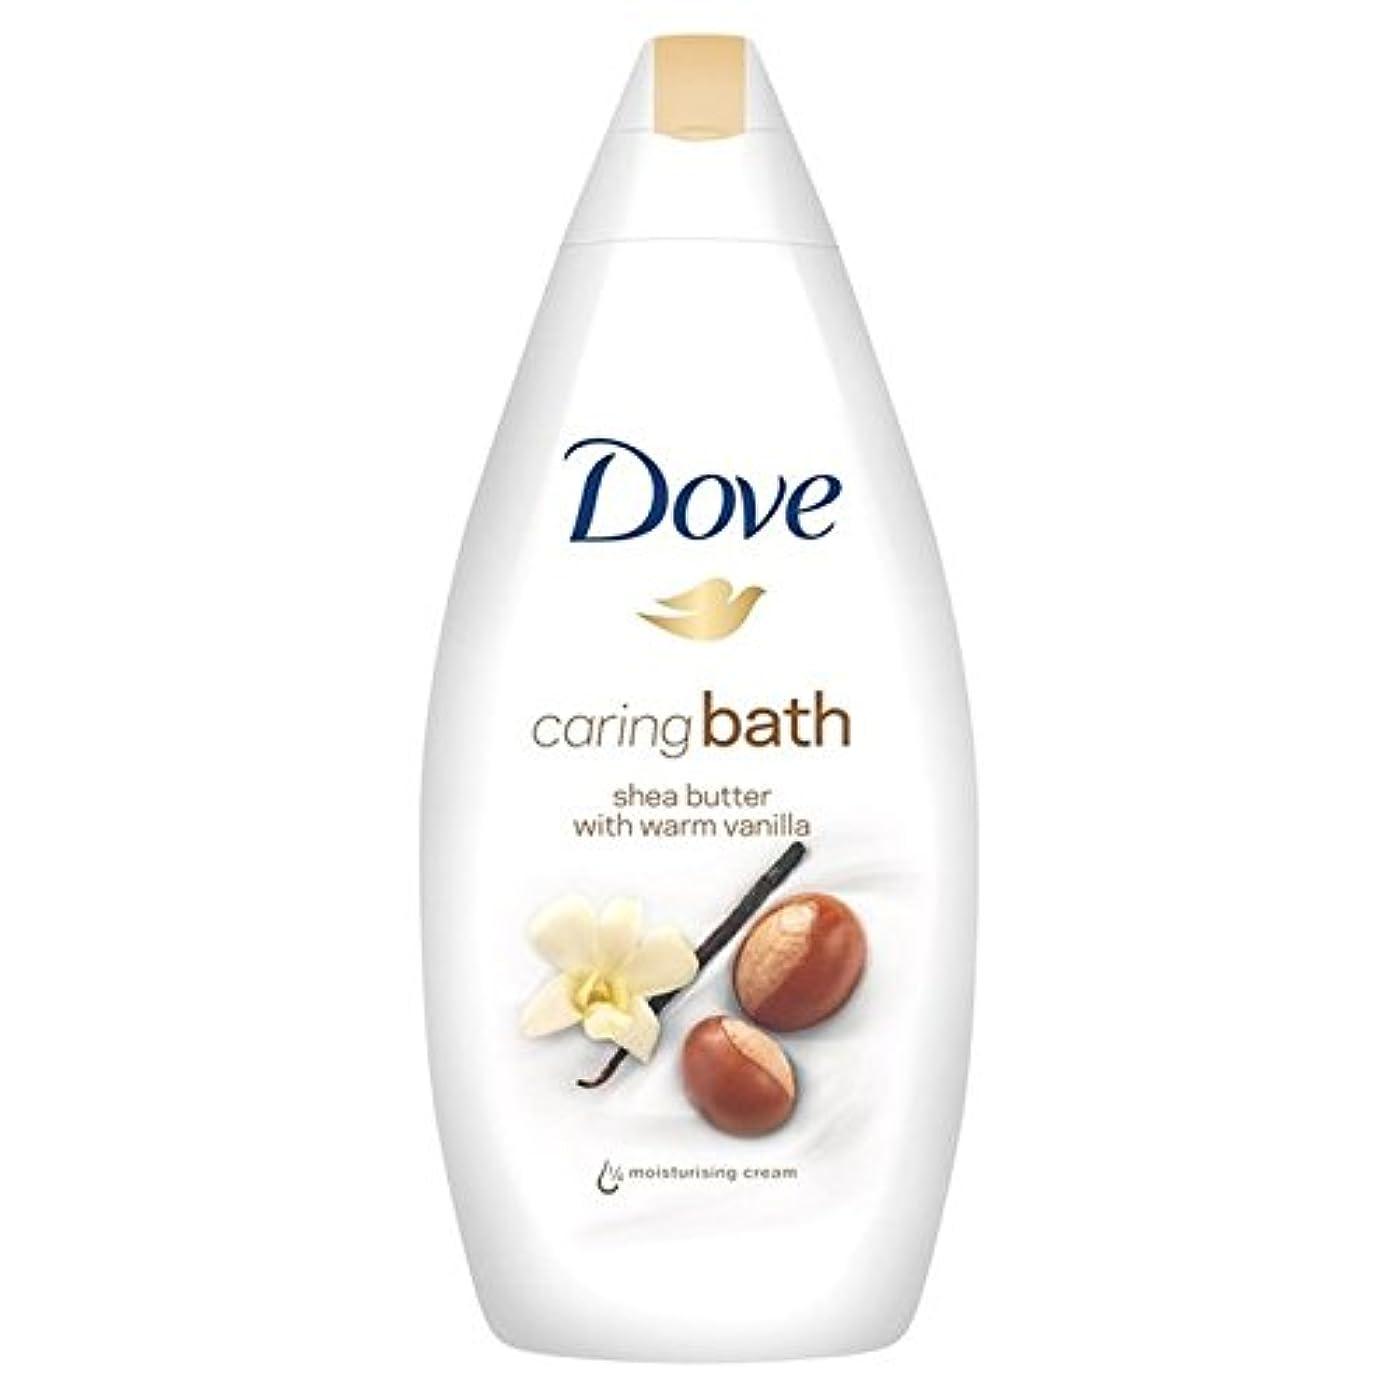 はがきひねりジョージエリオット鳩純粋な贅沢シアバター思いやりのあるクリームバス500ミリリットル x4 - Dove Purely Pampering Shea Butter Caring Cream Bath 500ml (Pack of 4) [...